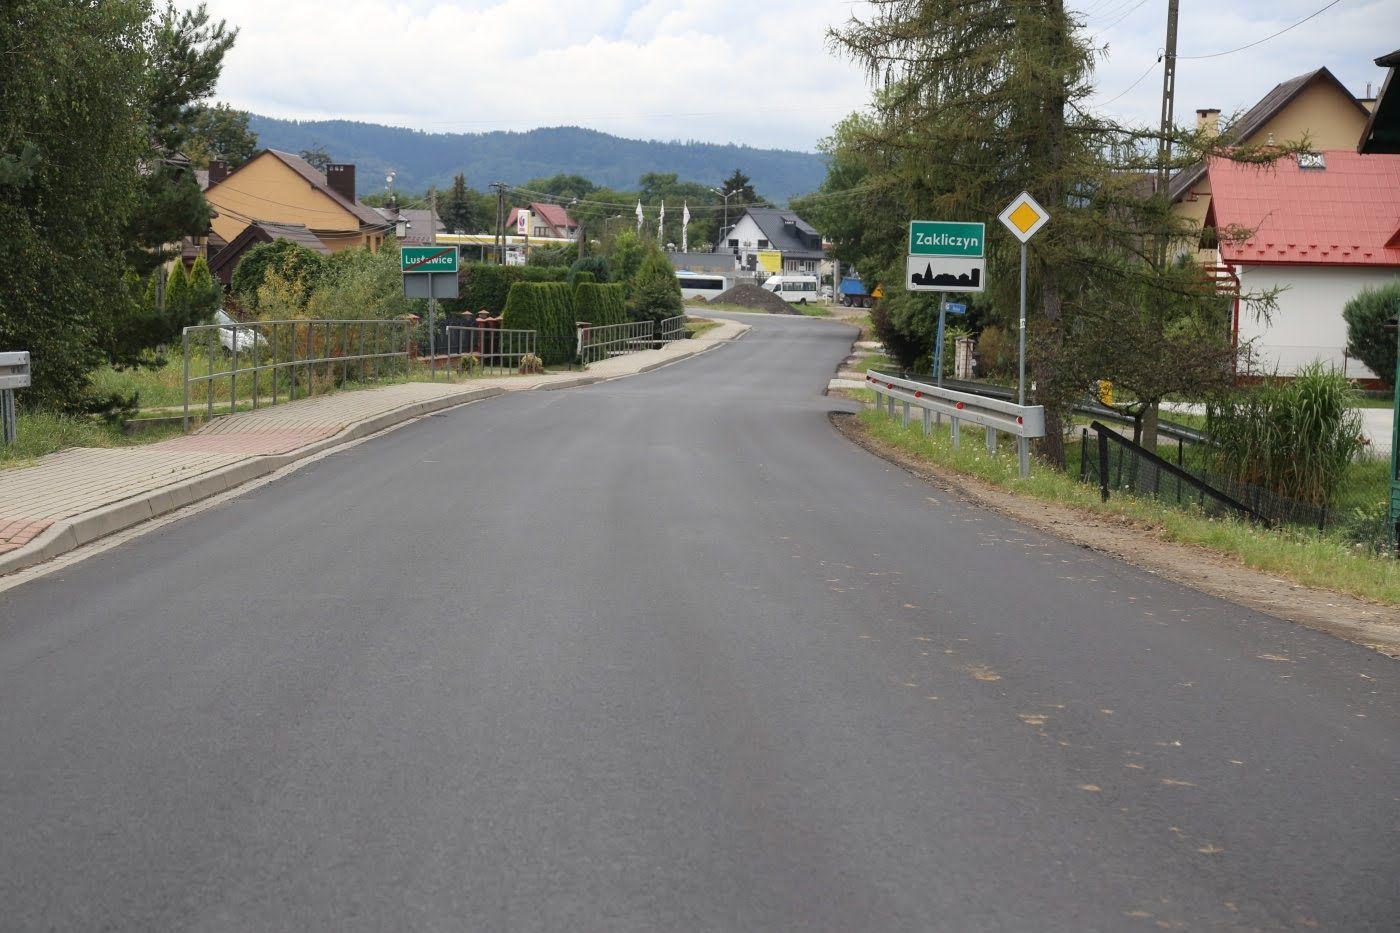 Gmina Zakliczyn. Przeszło 18 kilometrów nowej nakładki asfaltowej na terenie gmin Pleśna i Zakliczyn